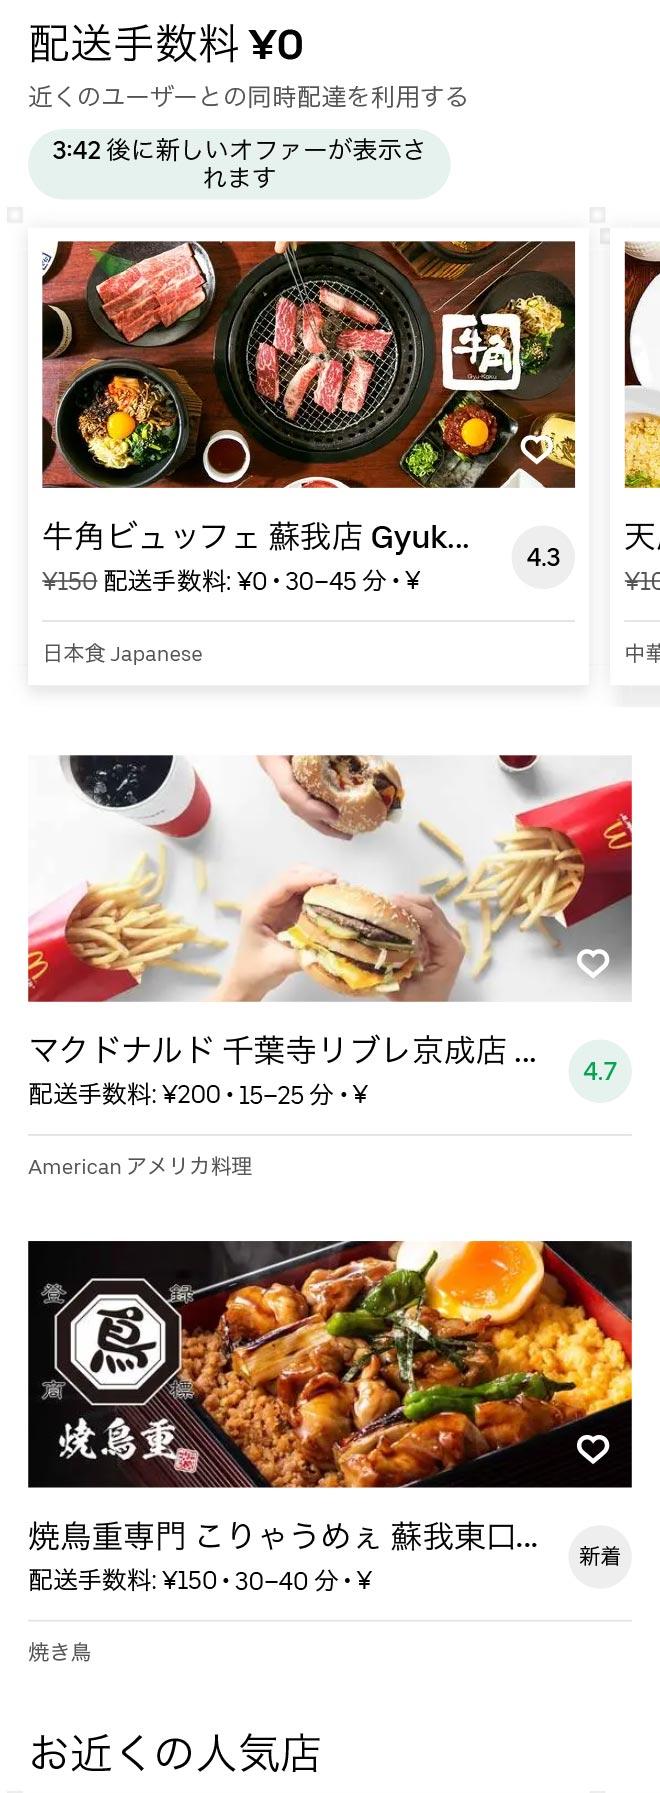 Soga menu 2010 01